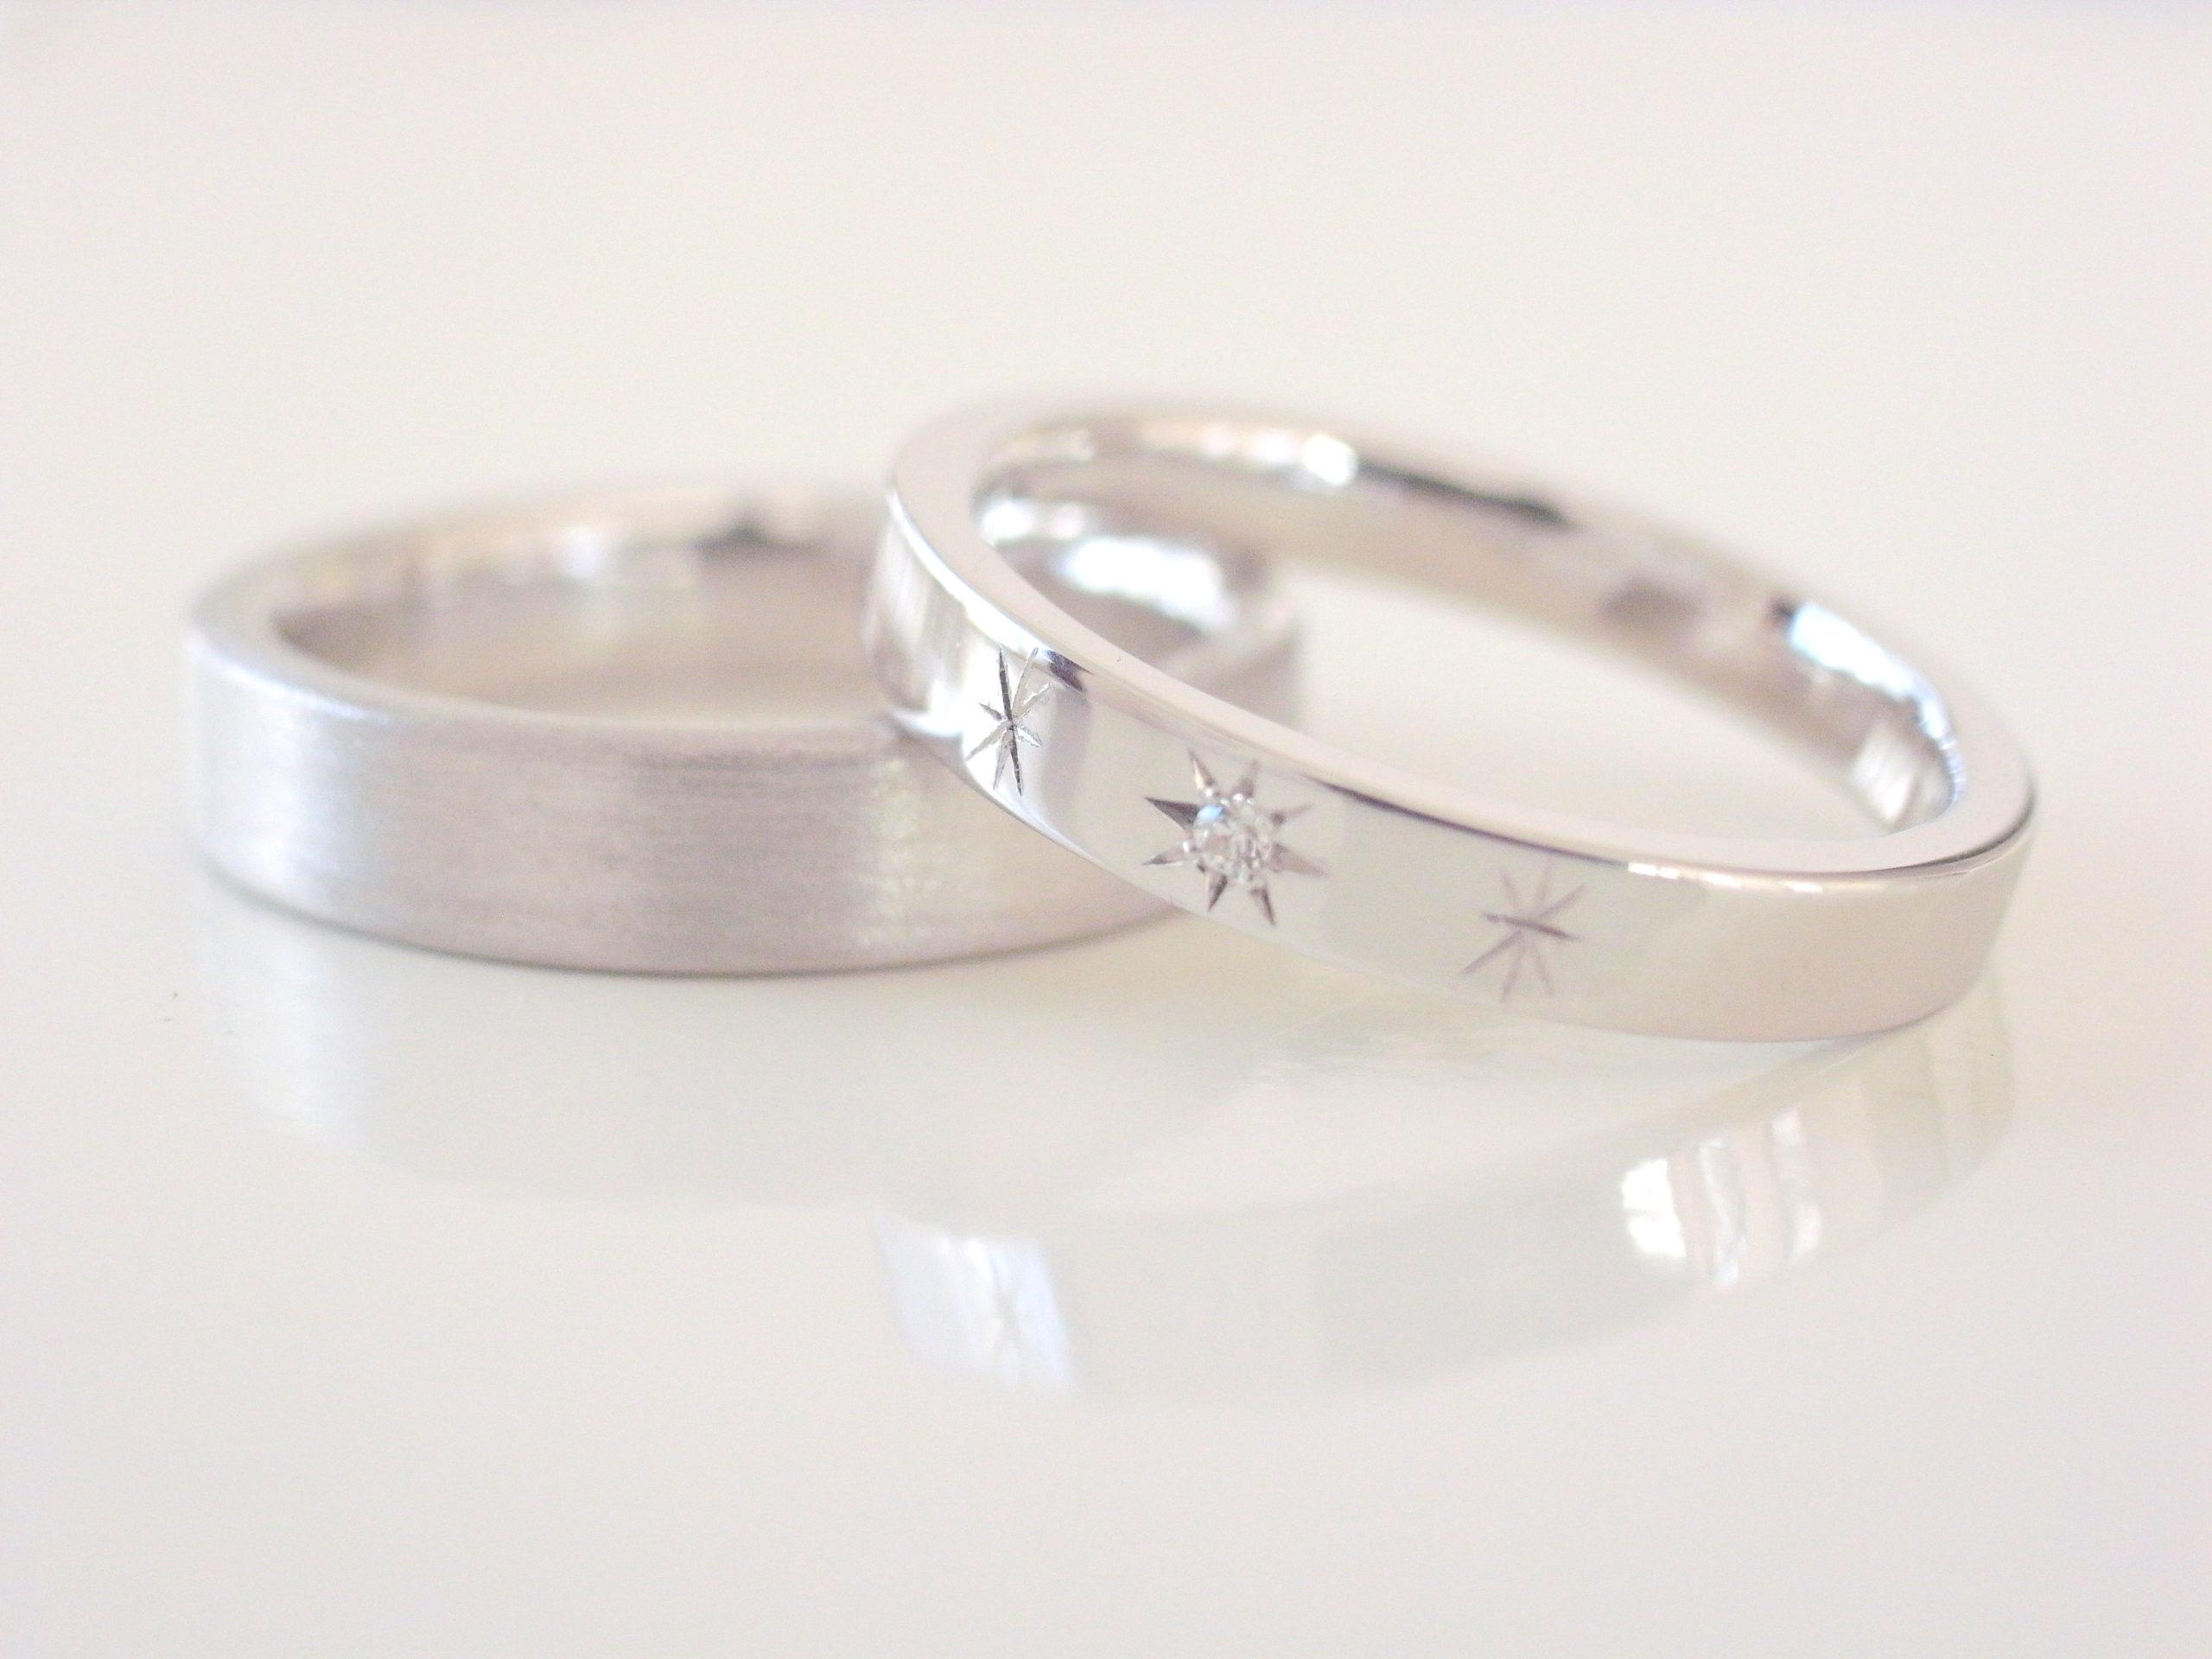 結婚指輪・婚約指輪のホワイトゴールド